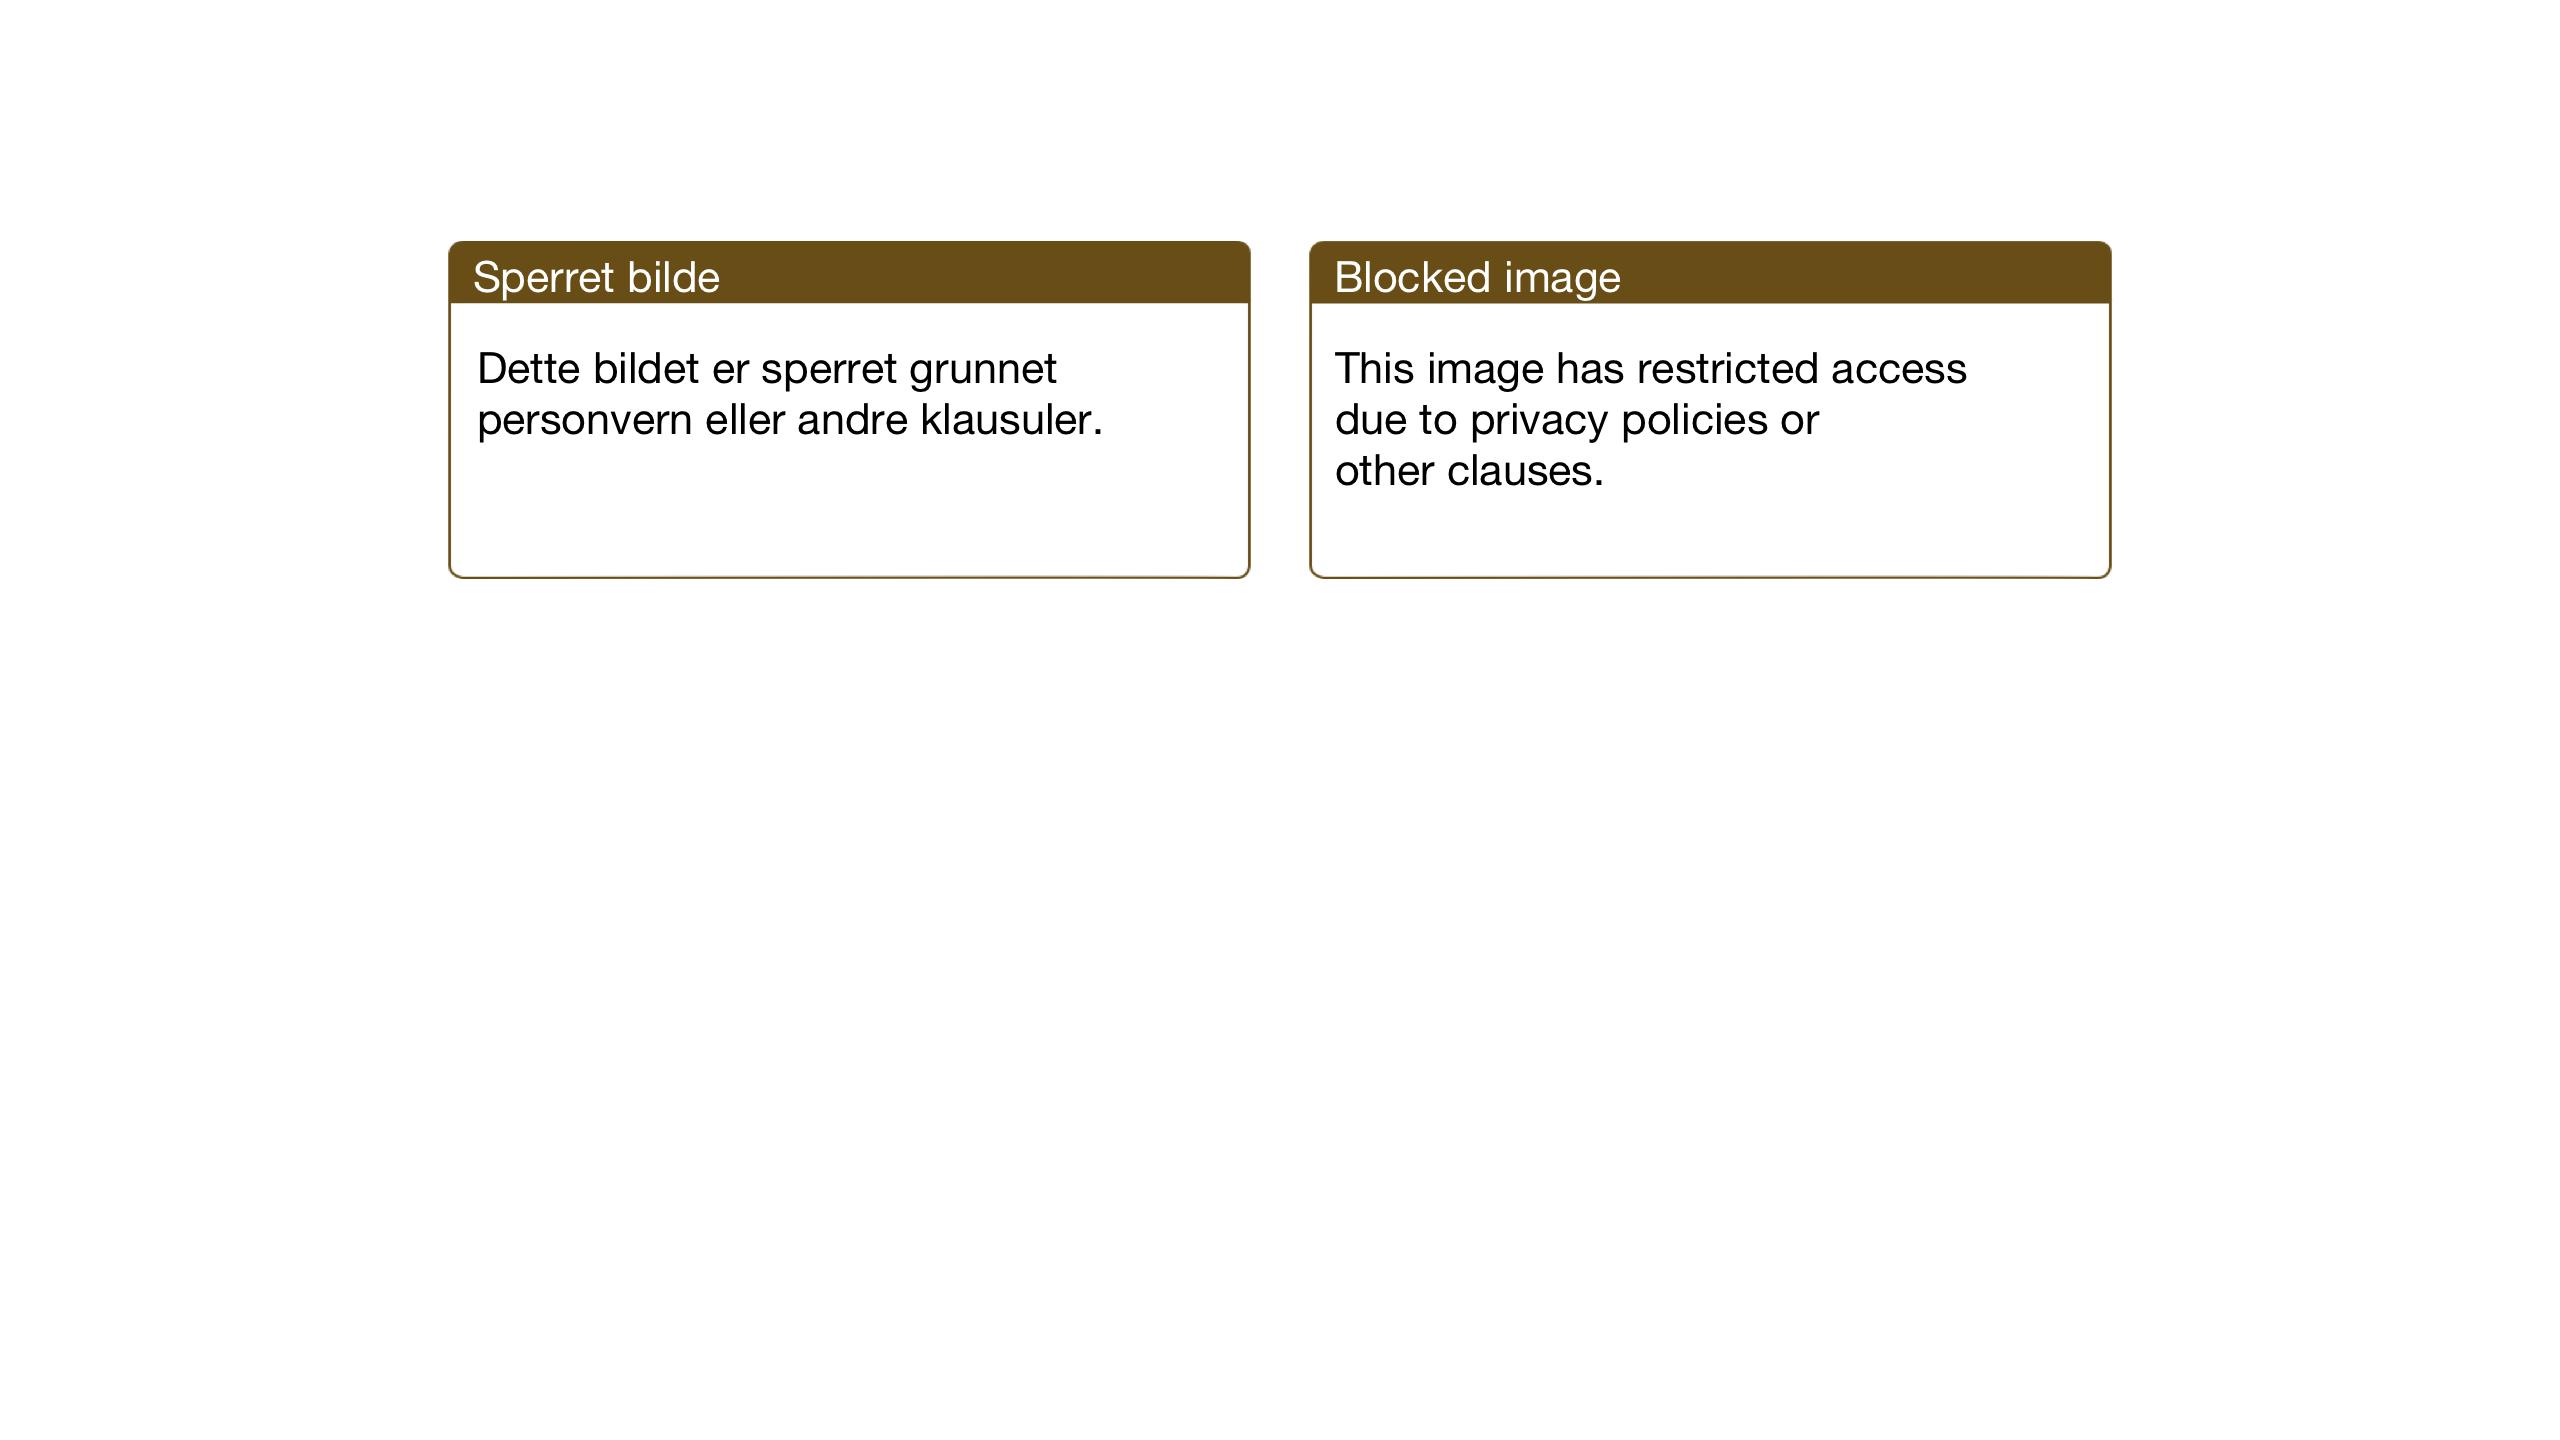 SAT, Ministerialprotokoller, klokkerbøker og fødselsregistre - Sør-Trøndelag, 604/L0228: Klokkerbok nr. 604C11, 1928-1950, s. 159